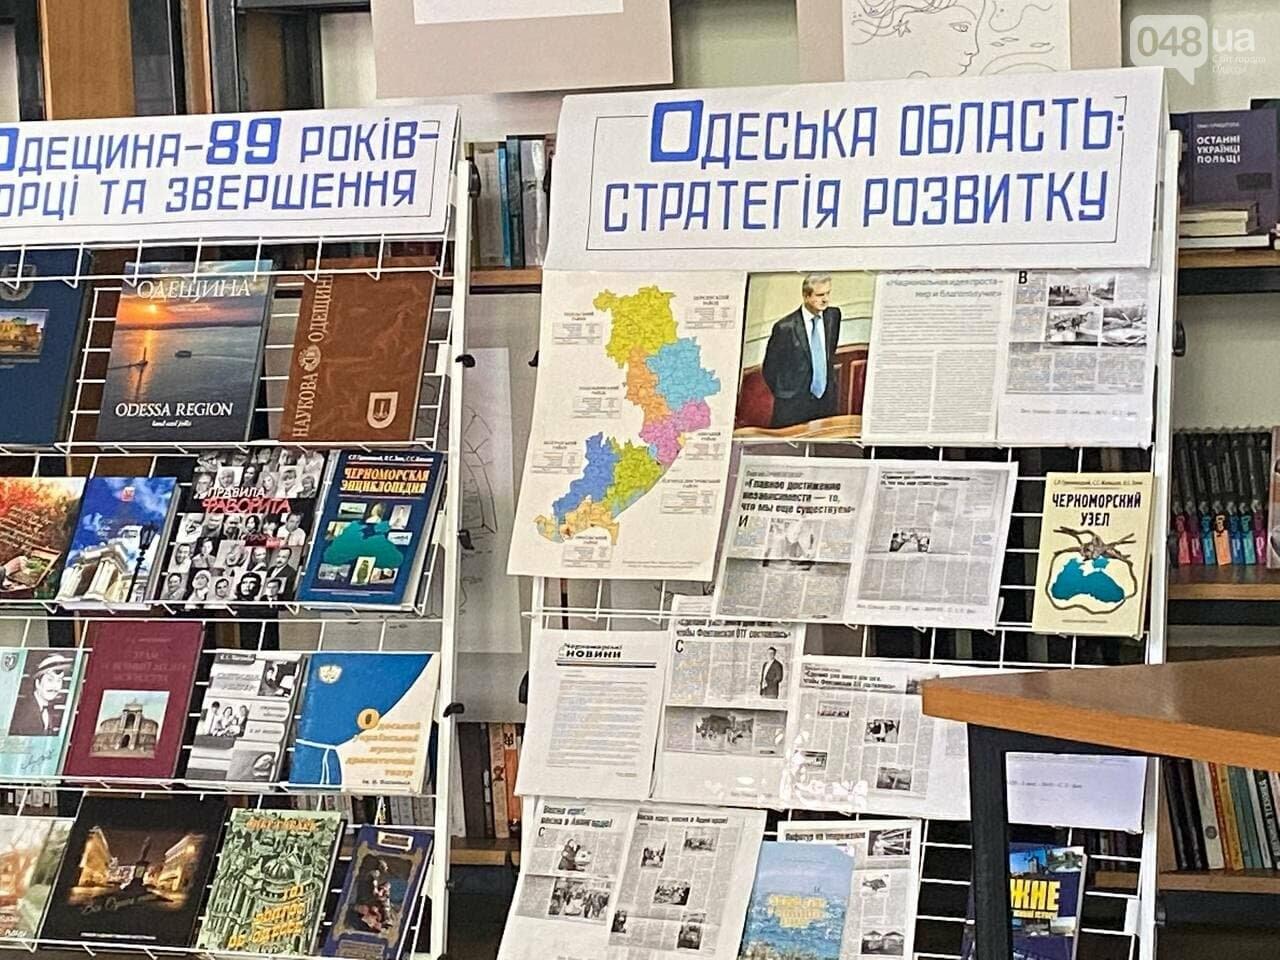 Одесской области 89 лет: как самая маленькая область Украины стала самой большой,- ФОТО, фото-4